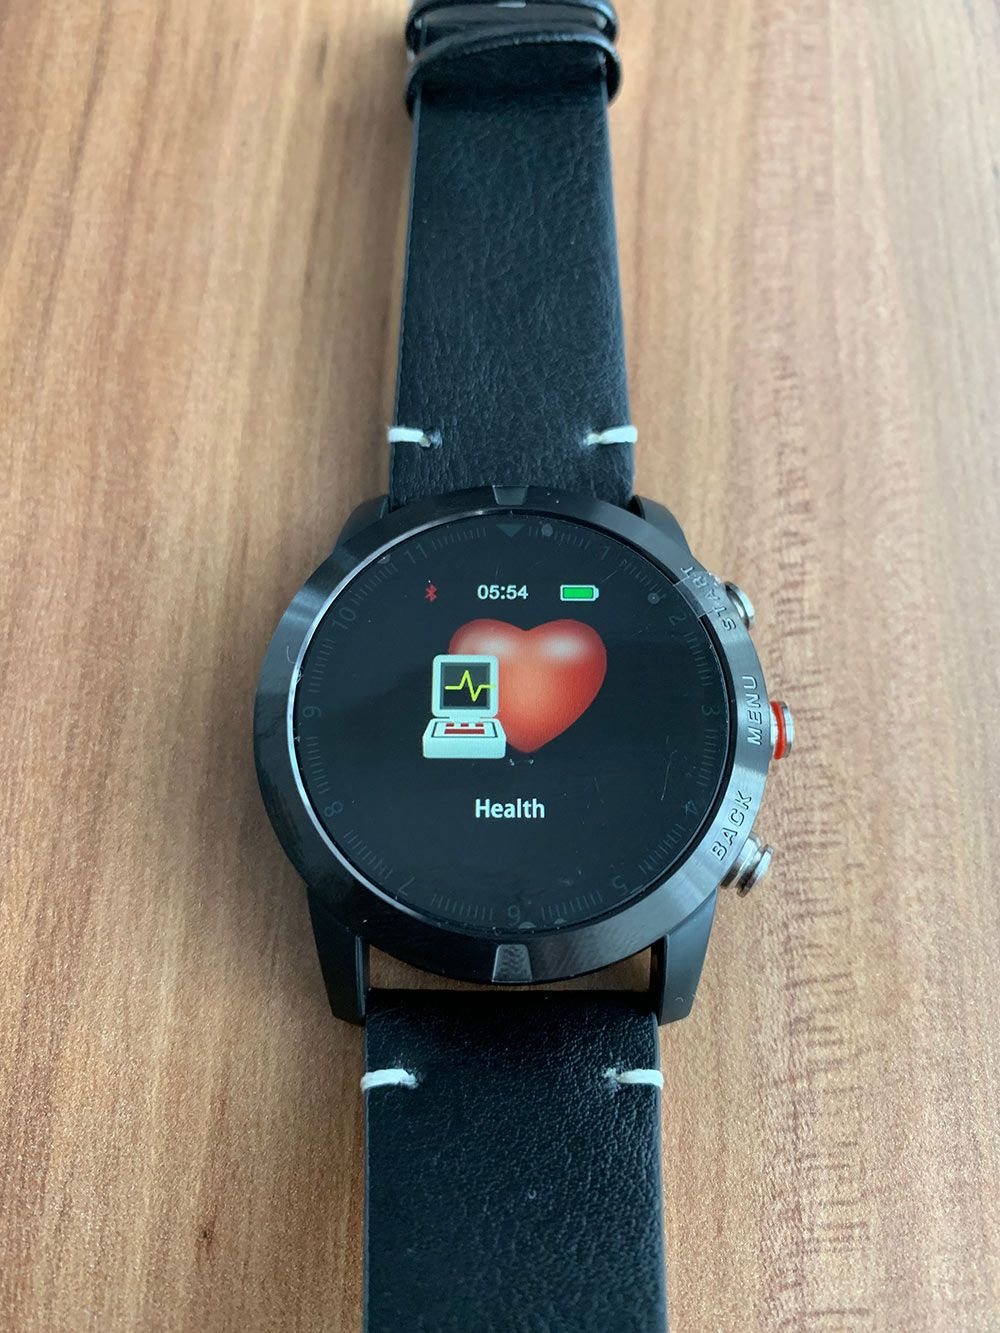 Test der DT NO.I S10 Smartwatch